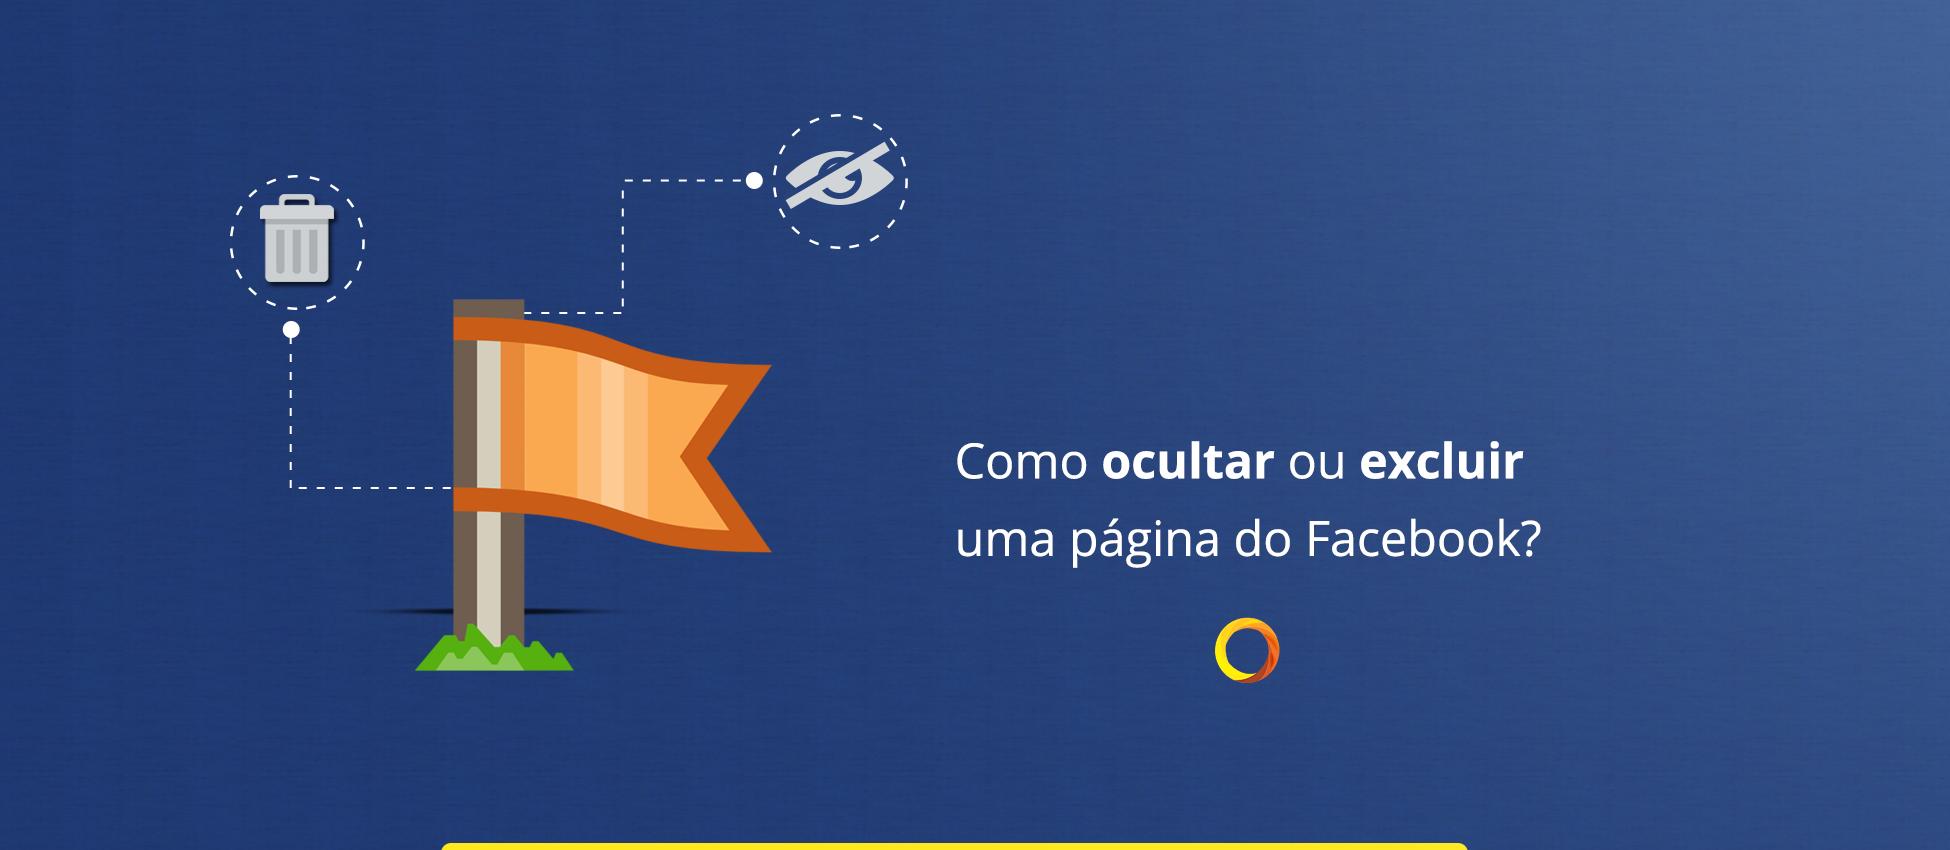 Como Ocultar ou Excluir uma página no Facebook